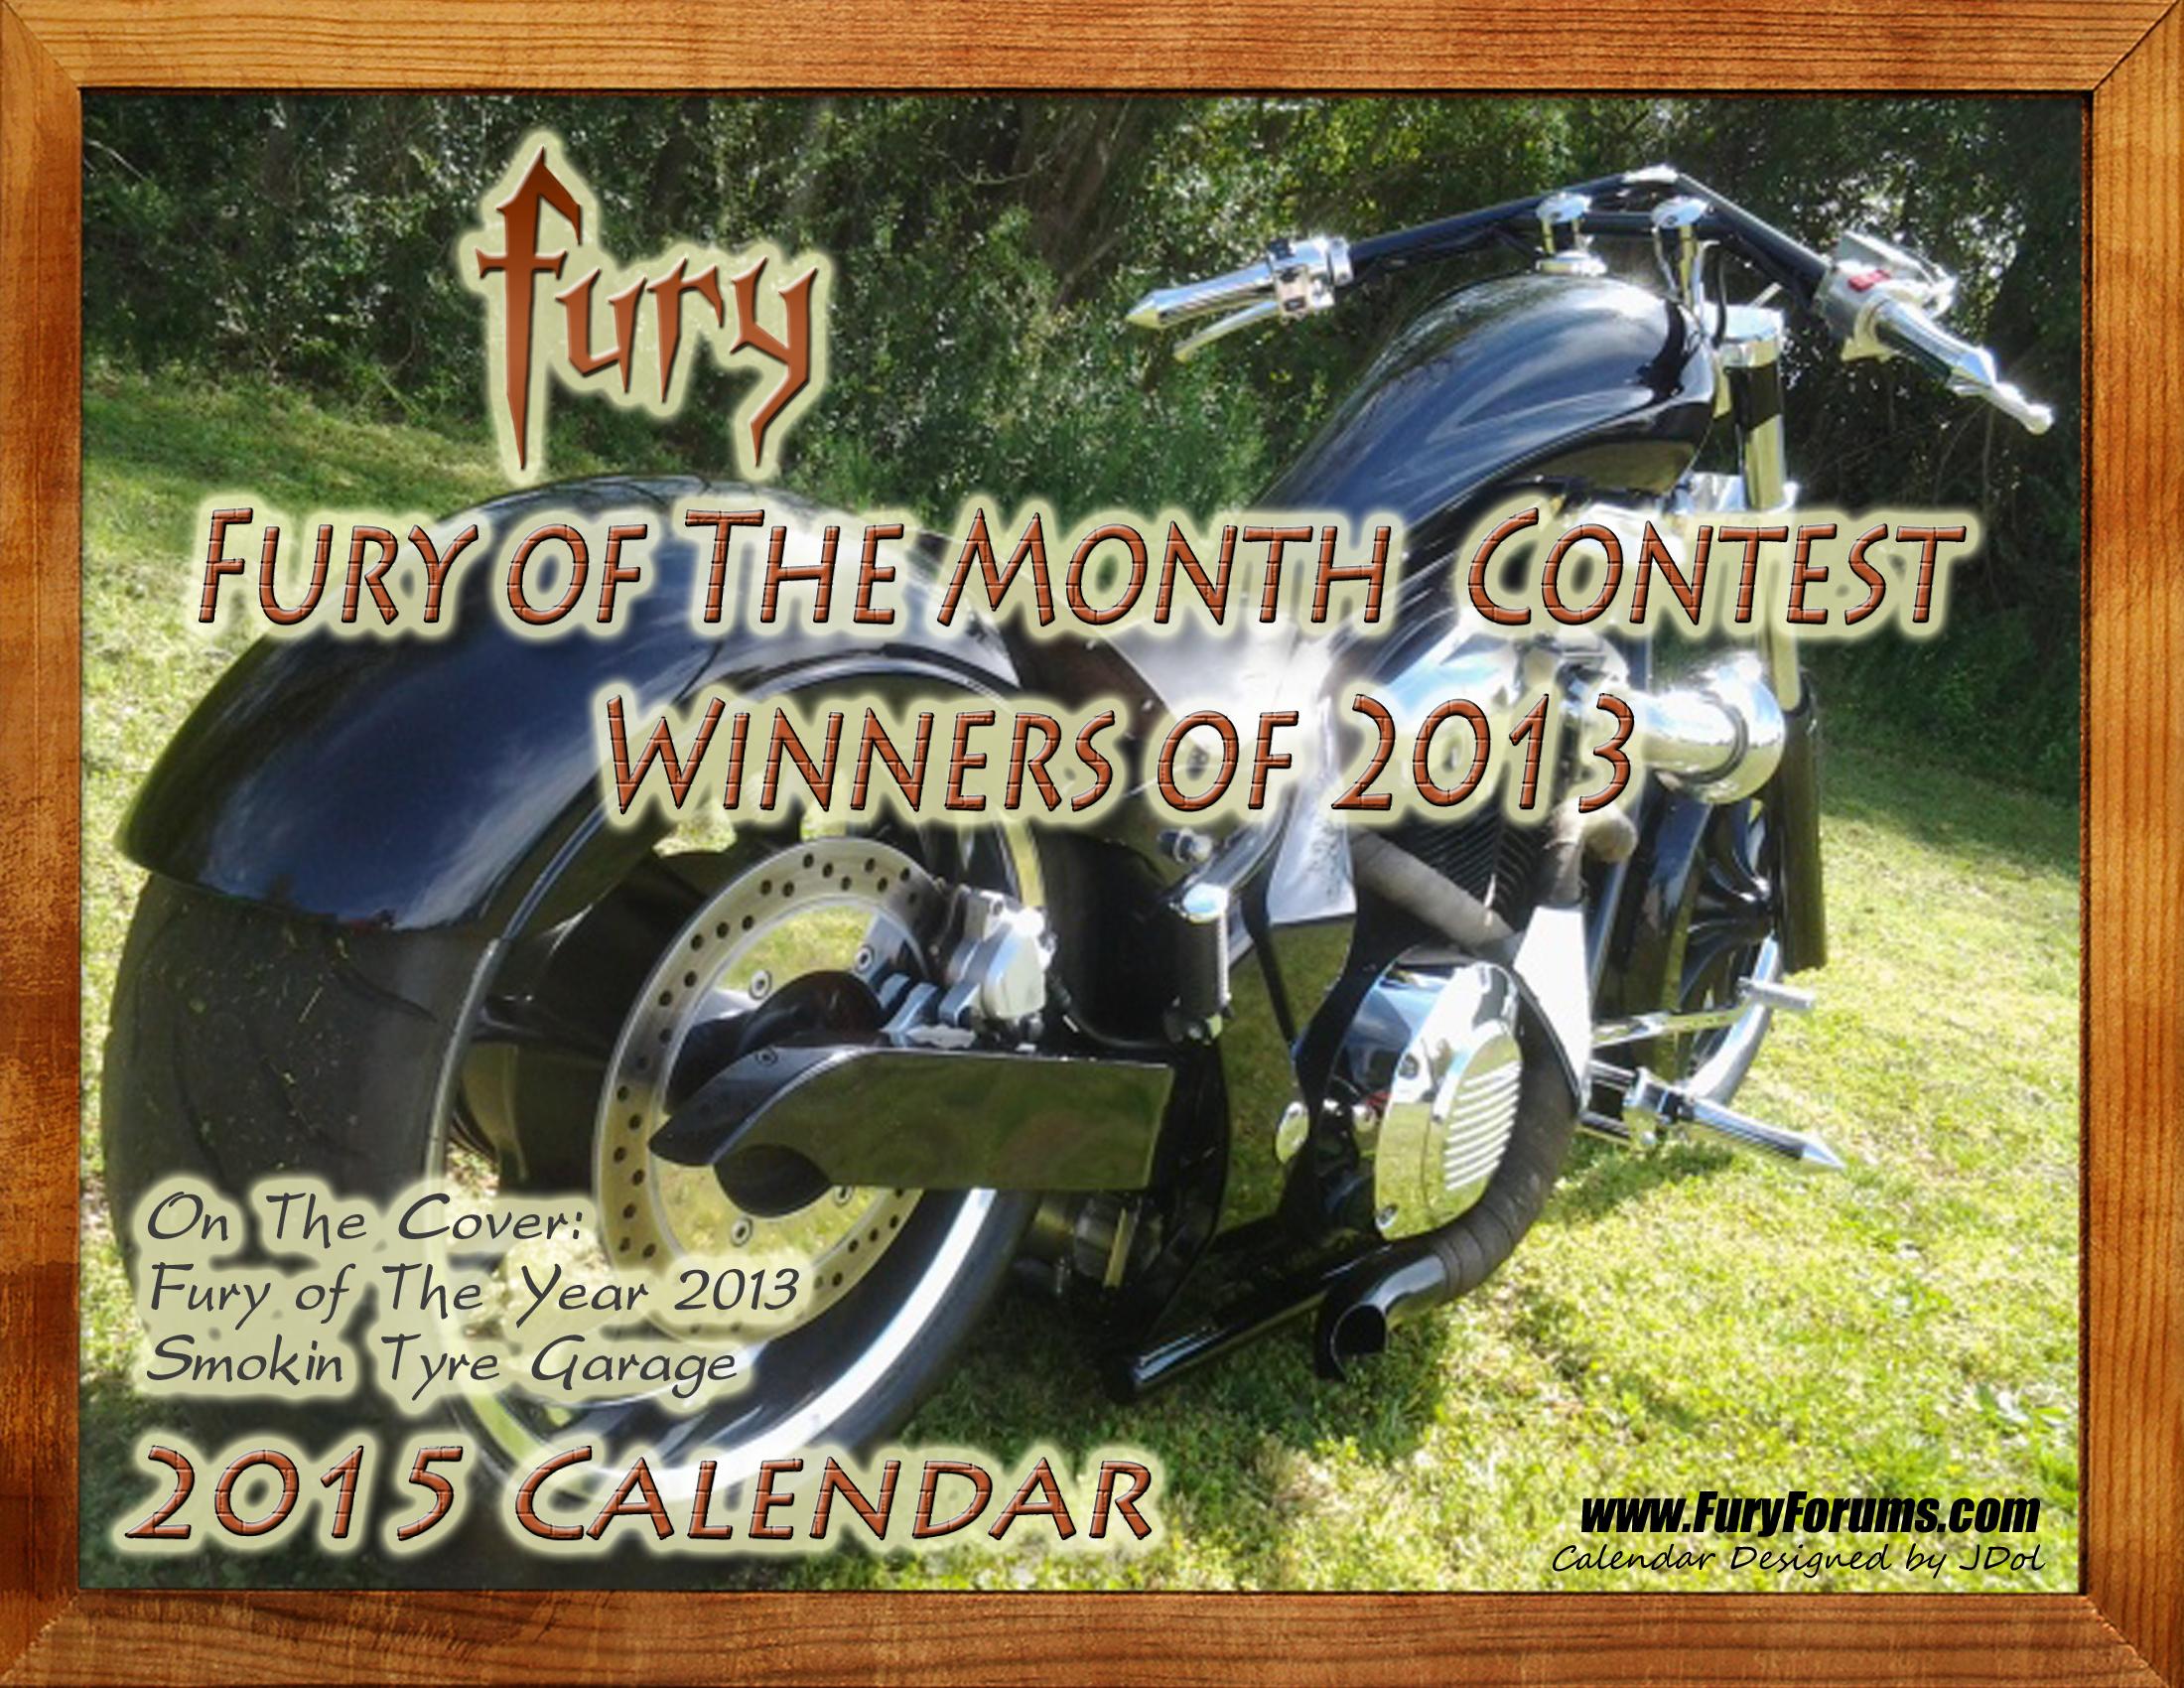 2015 Calendar – FOTM